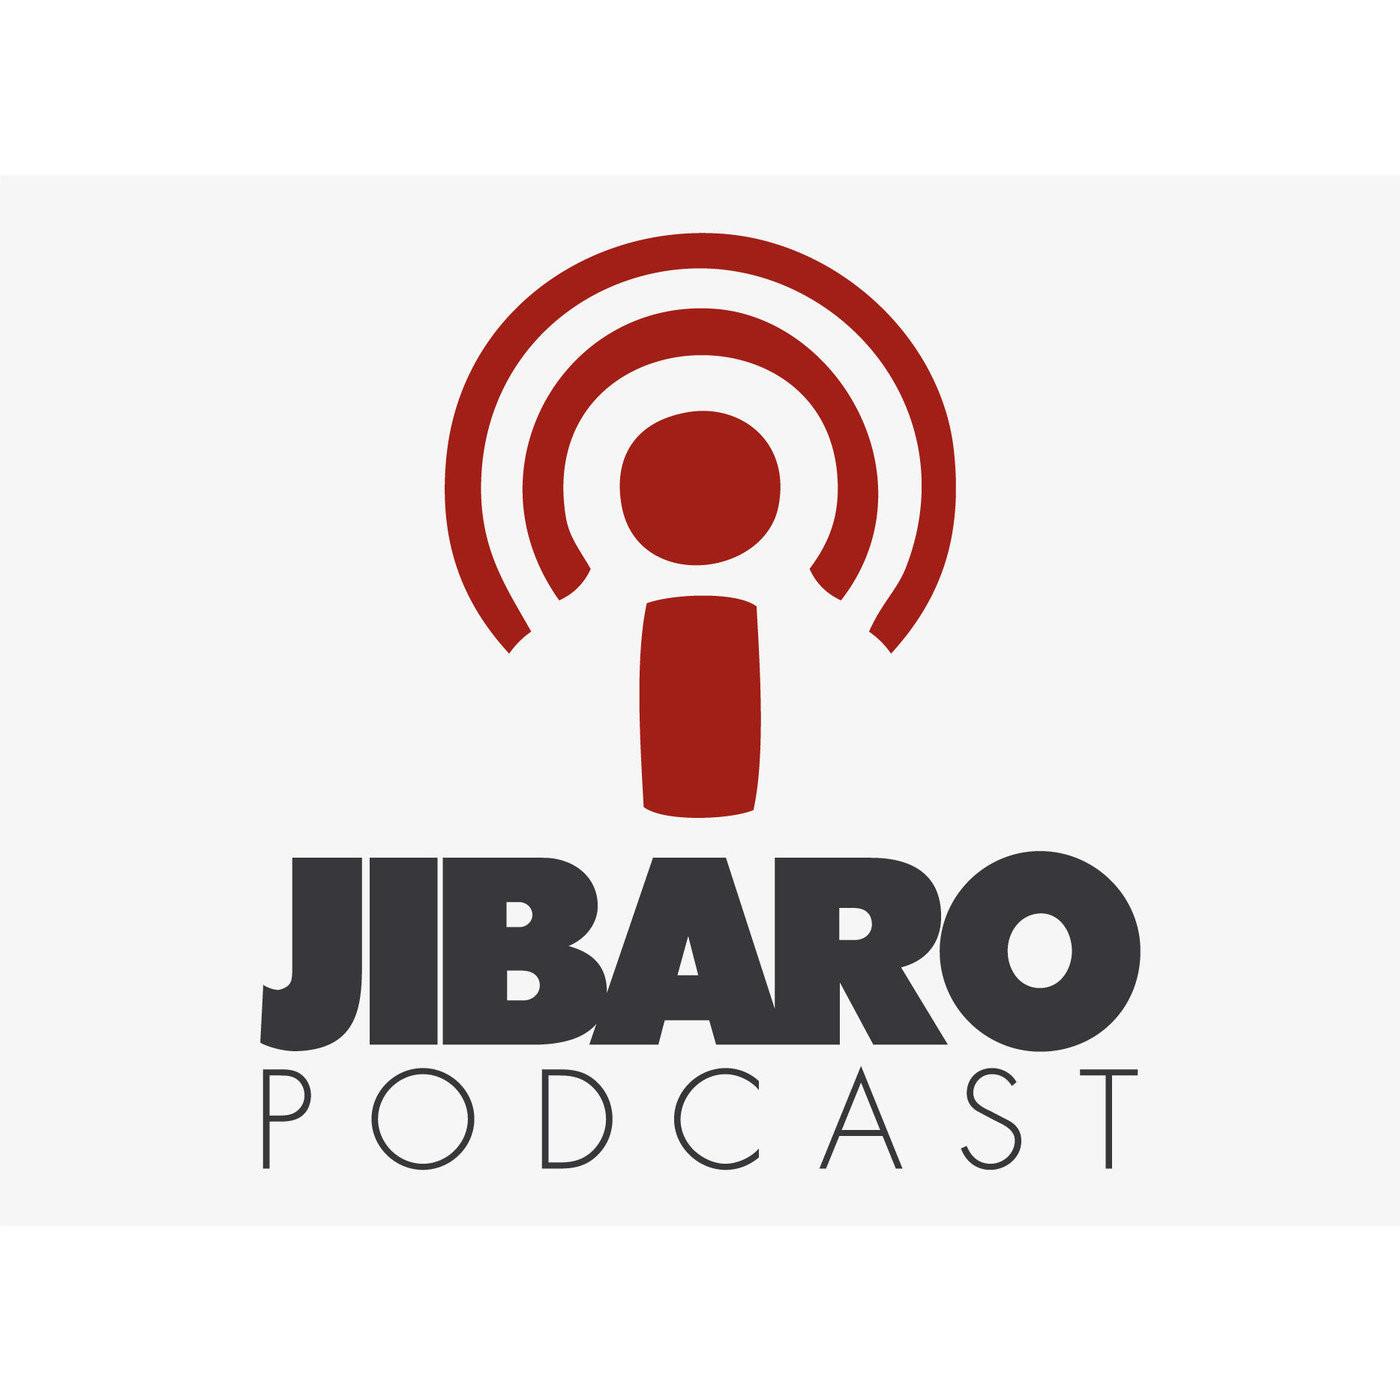 Jibaro Podcast